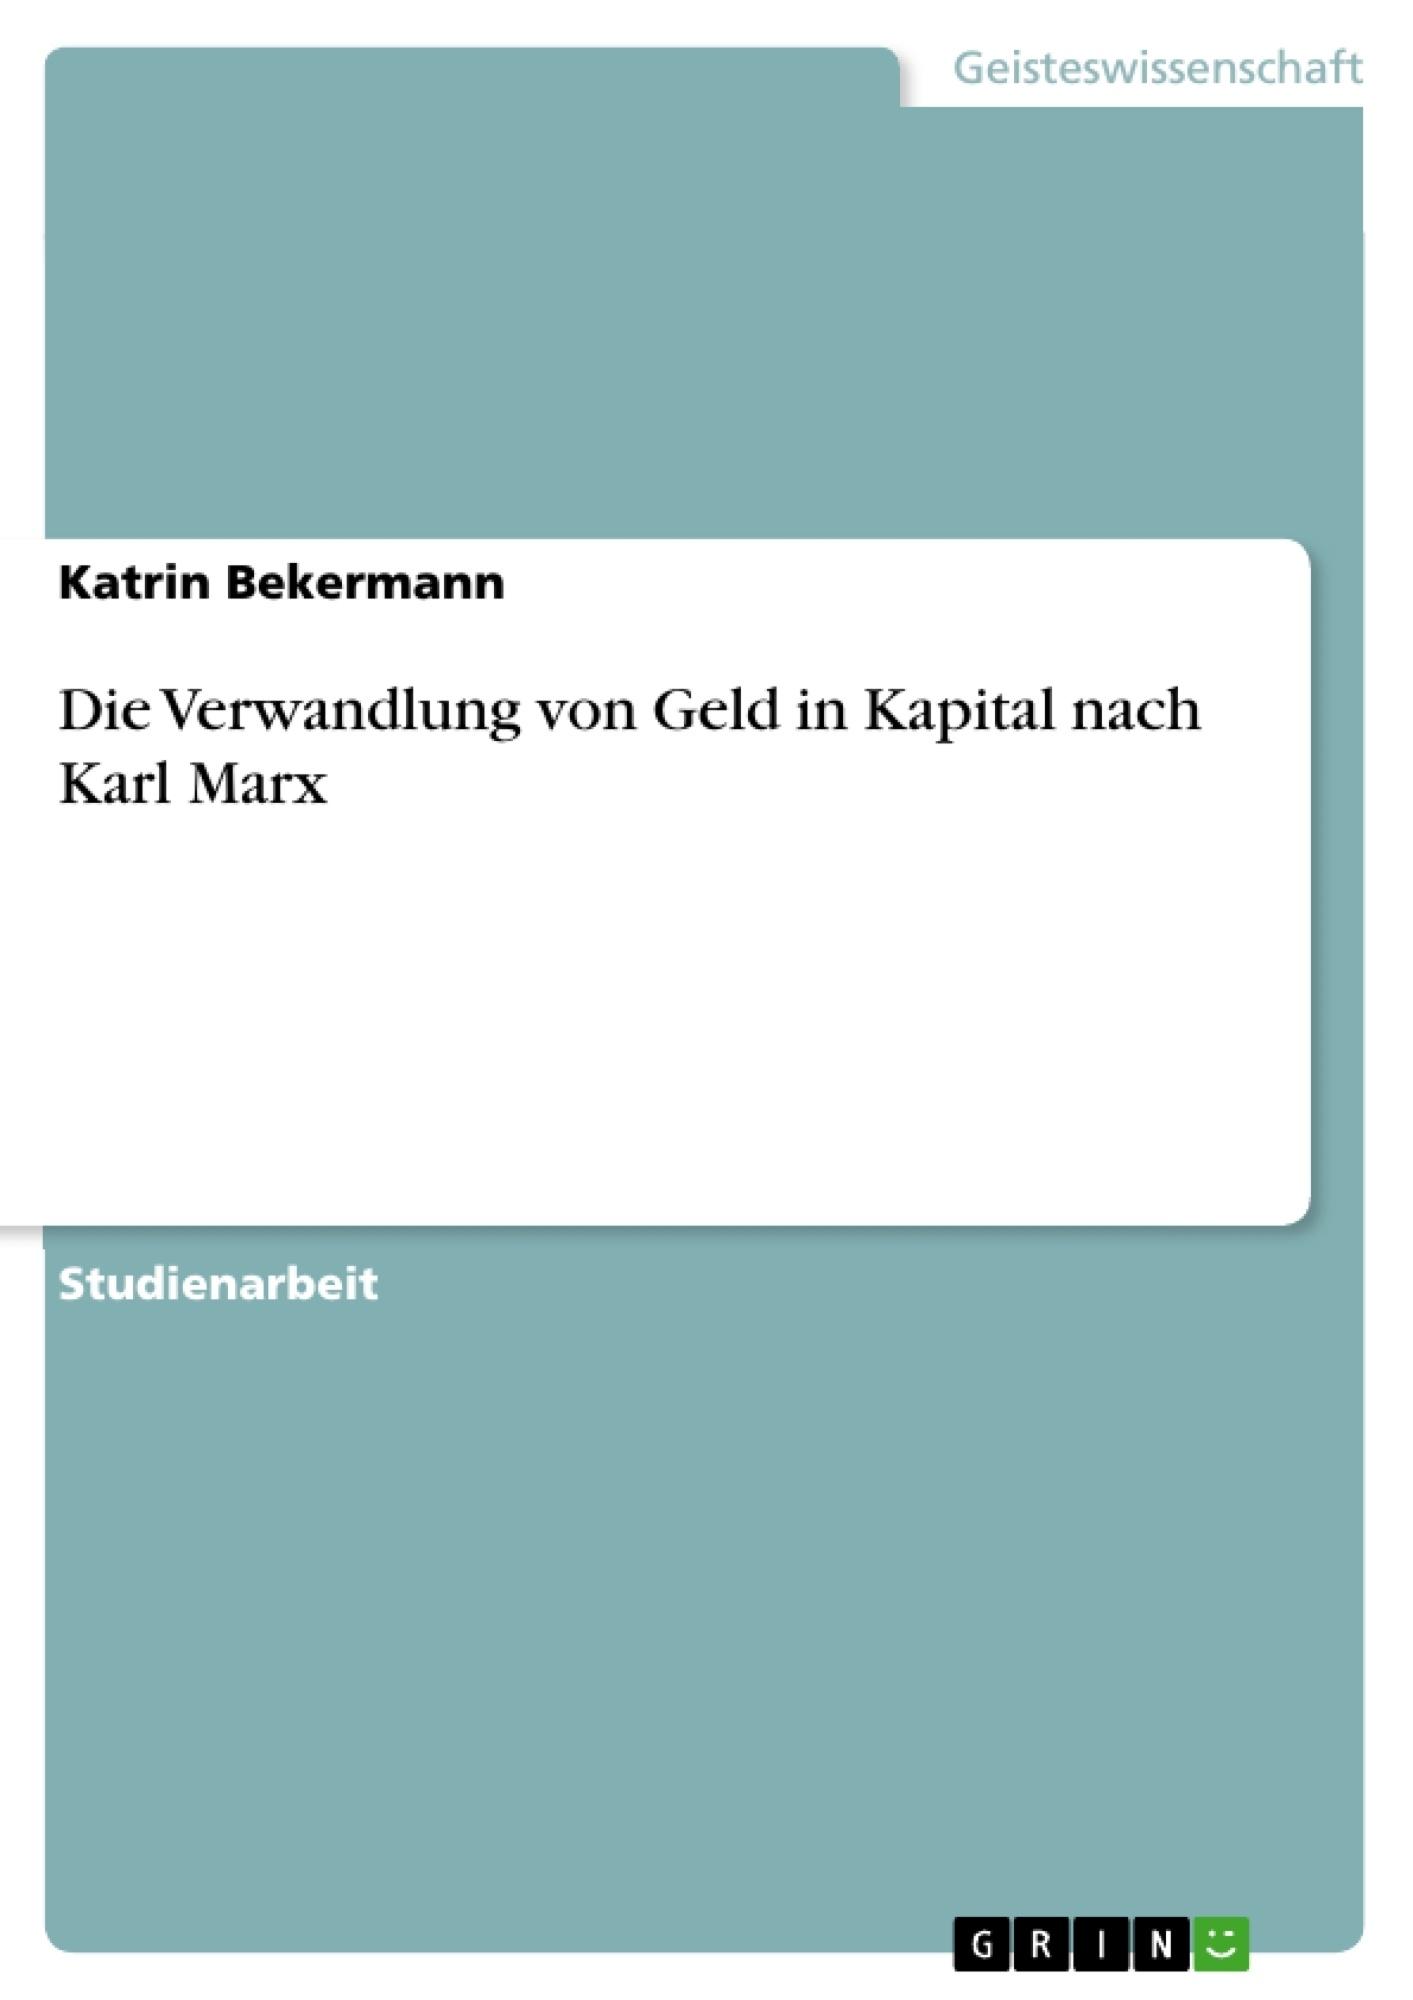 Titel: Die Verwandlung von Geld in Kapital nach Karl Marx